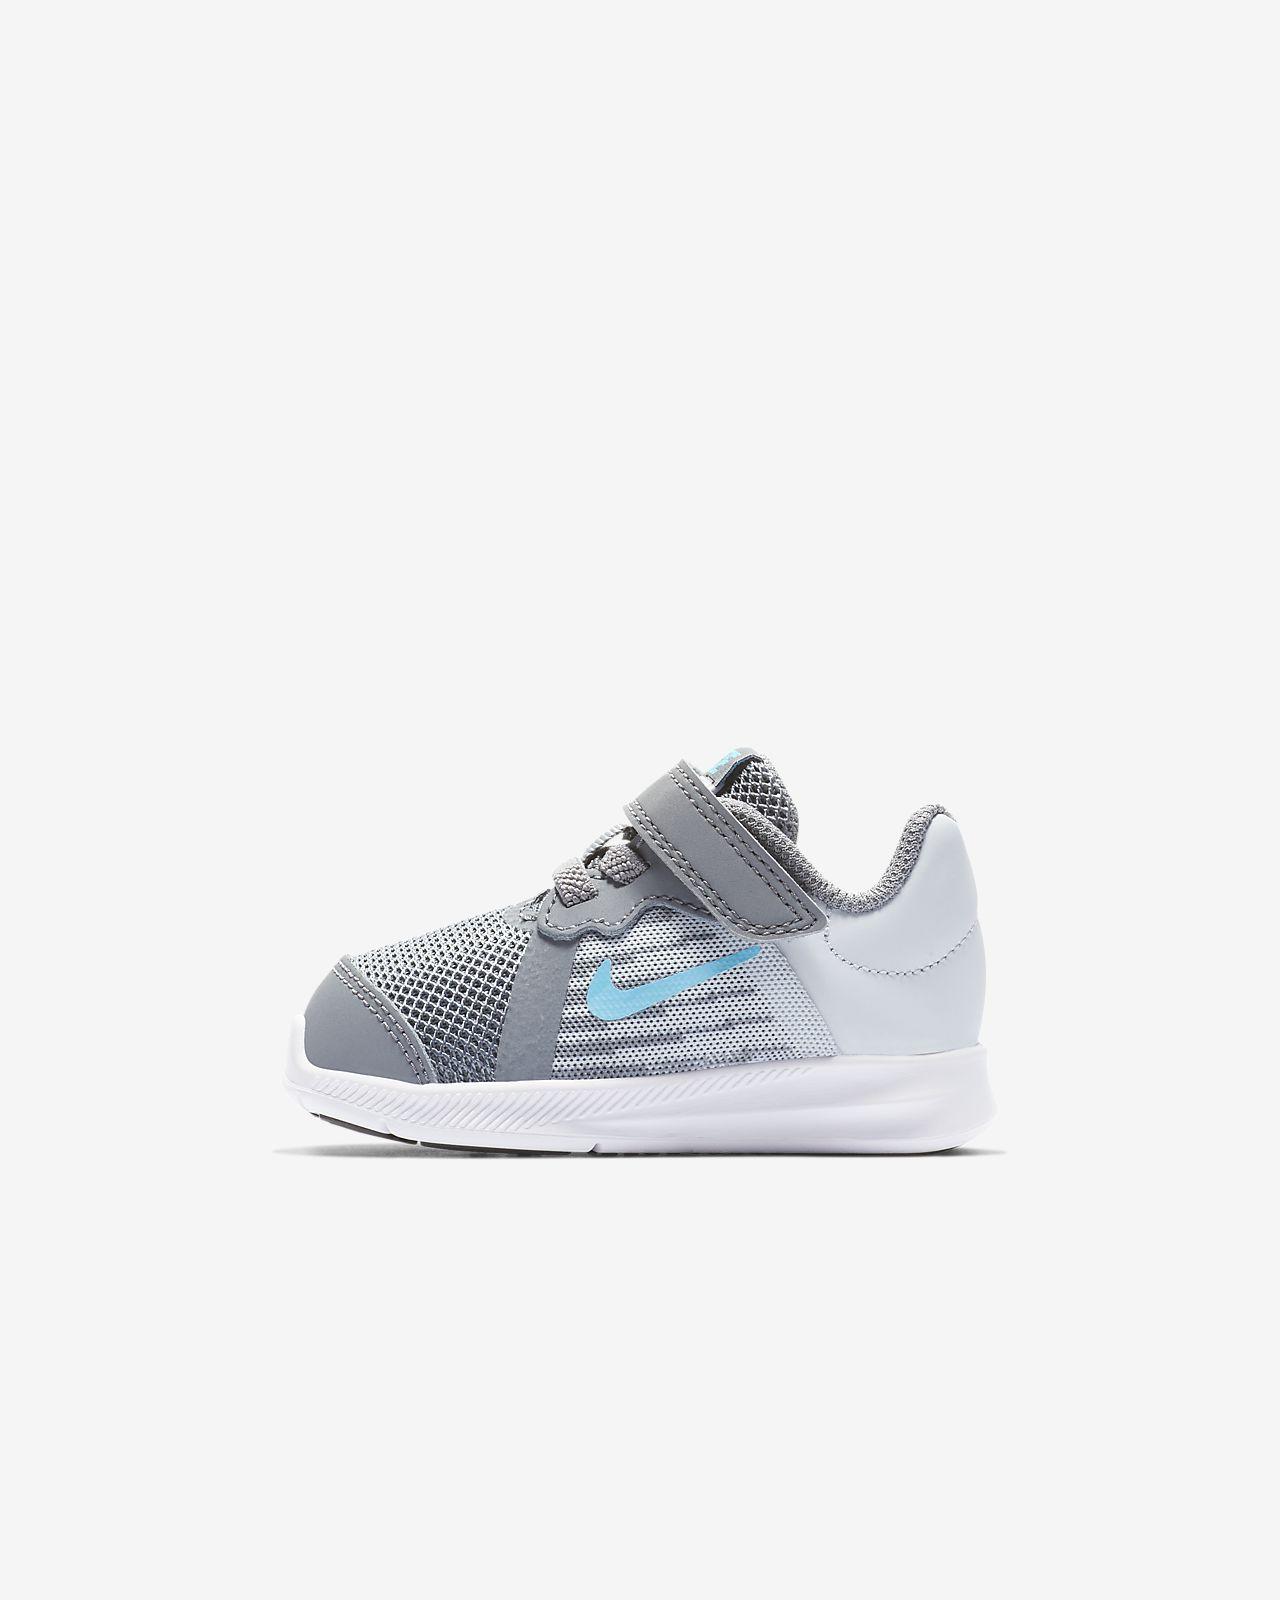 save off 098ca 04b49 ... Chaussure Nike Downshifter 8 pour Bébé et Petit enfant